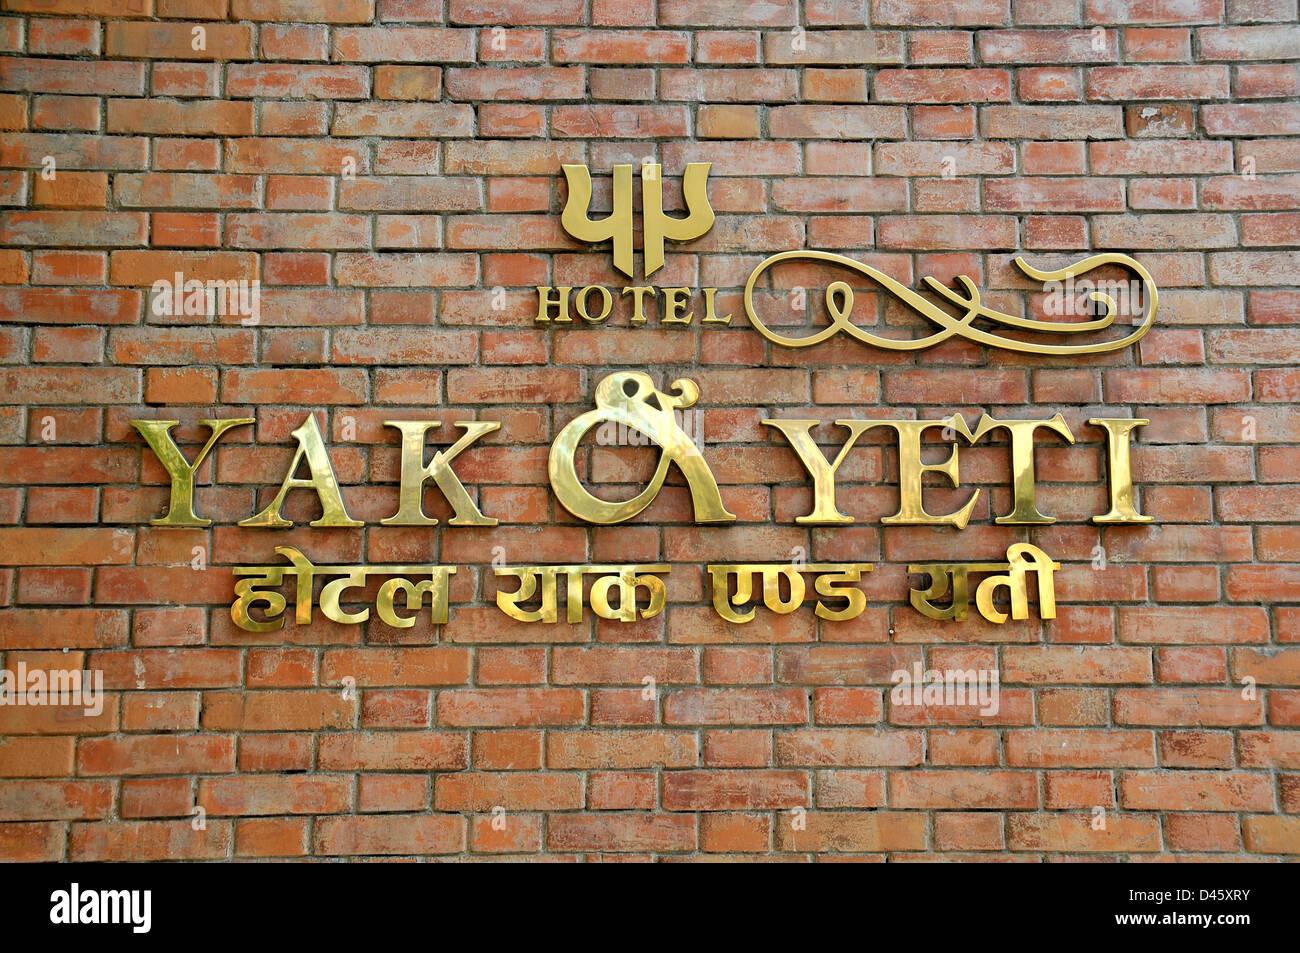 Hotel Yak & Yeti Katmandu Nepal Asia - Stock Image